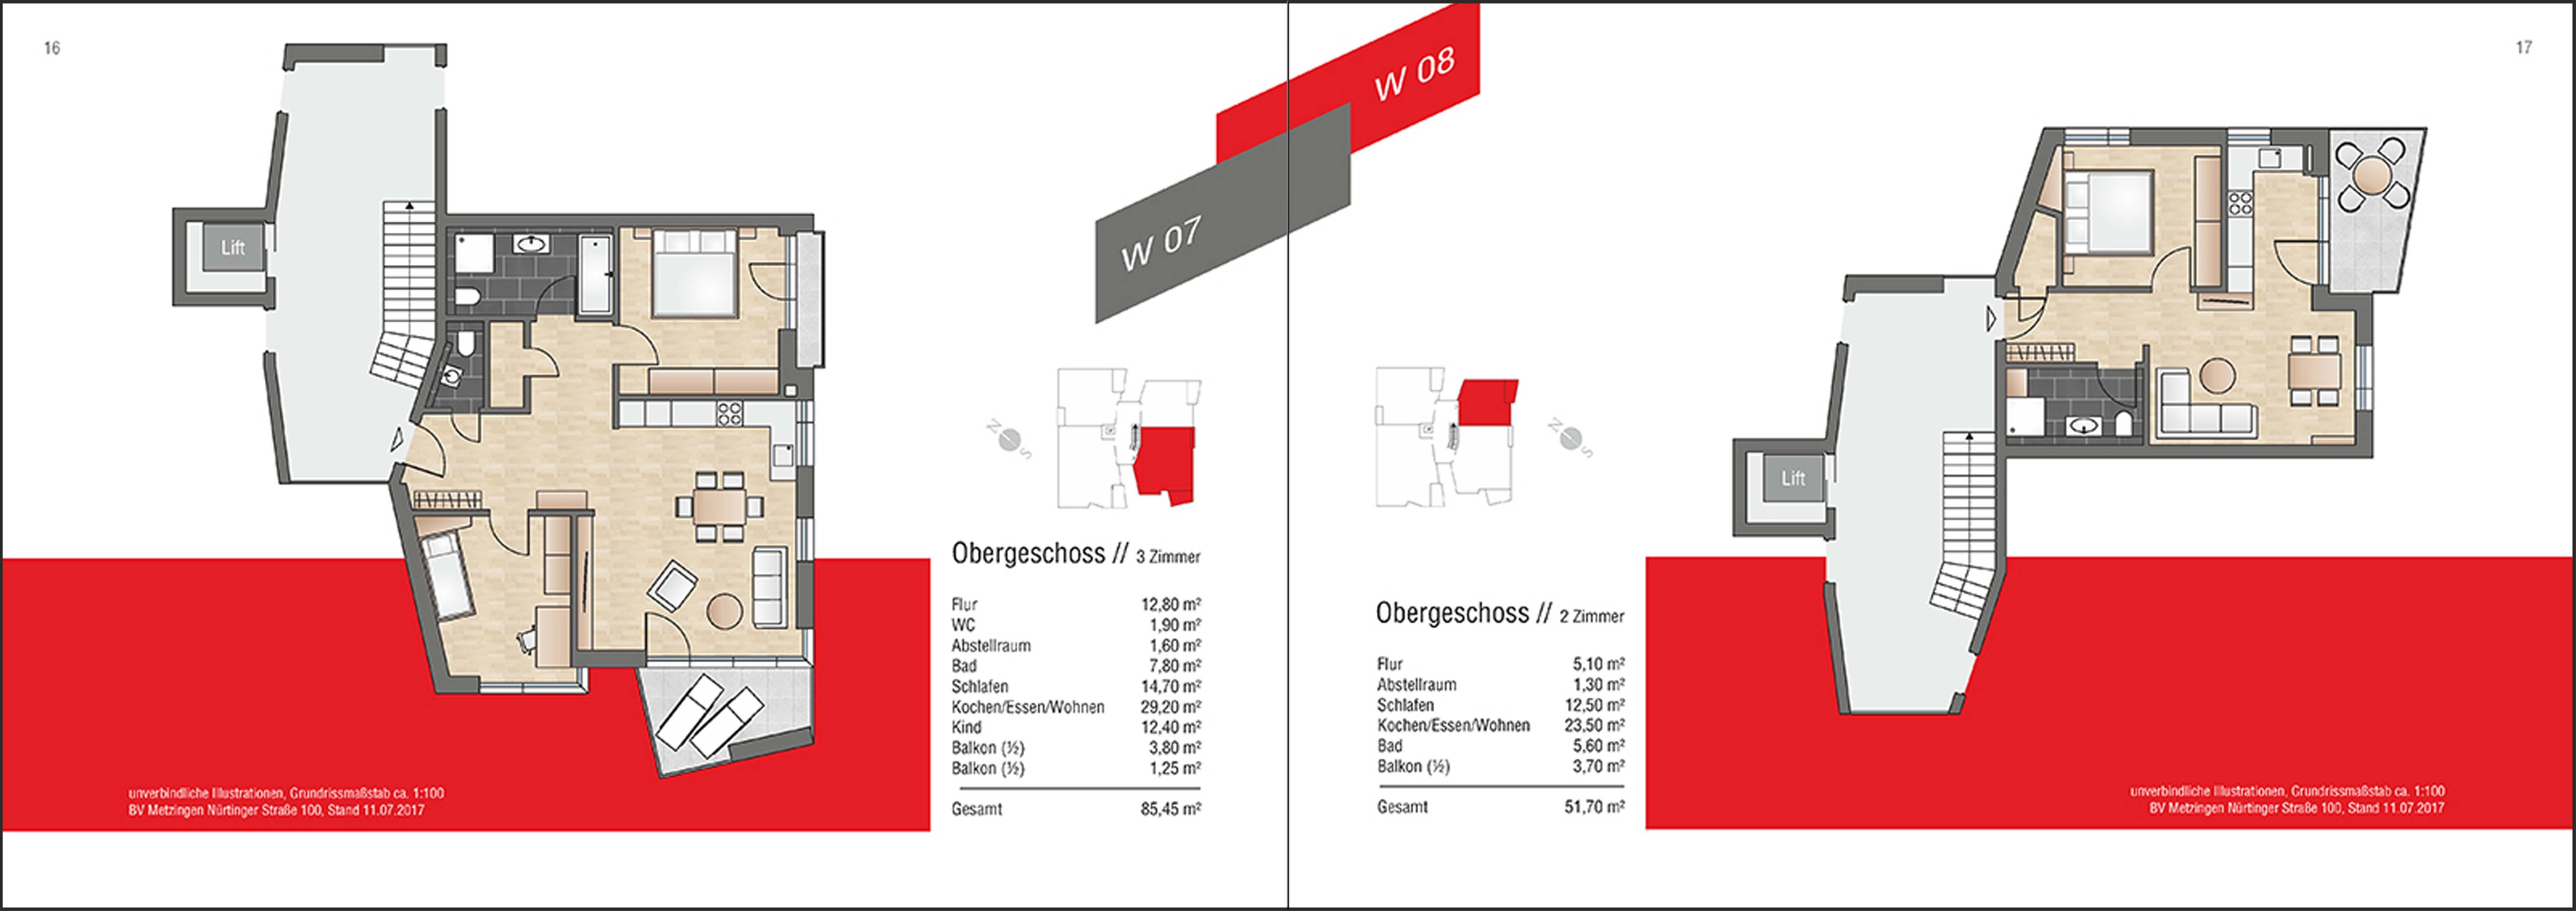 Englert-Wohnbau_BV-Metzingen-Nuertinger-Straße-Seite-16-17